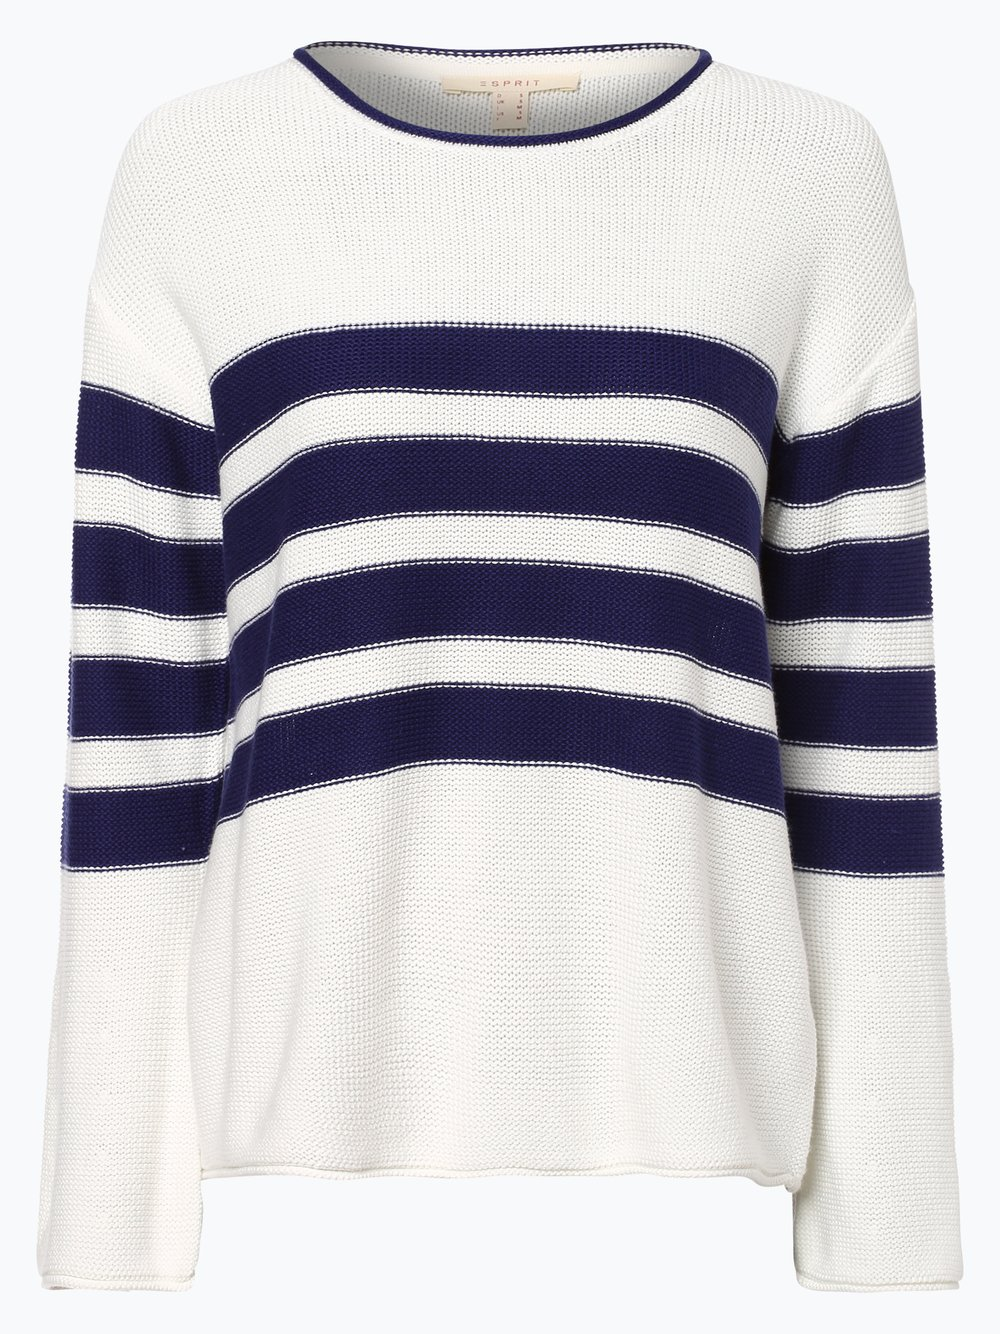 Esprit Casual Damen Pullover marine weiß gestreift Damen